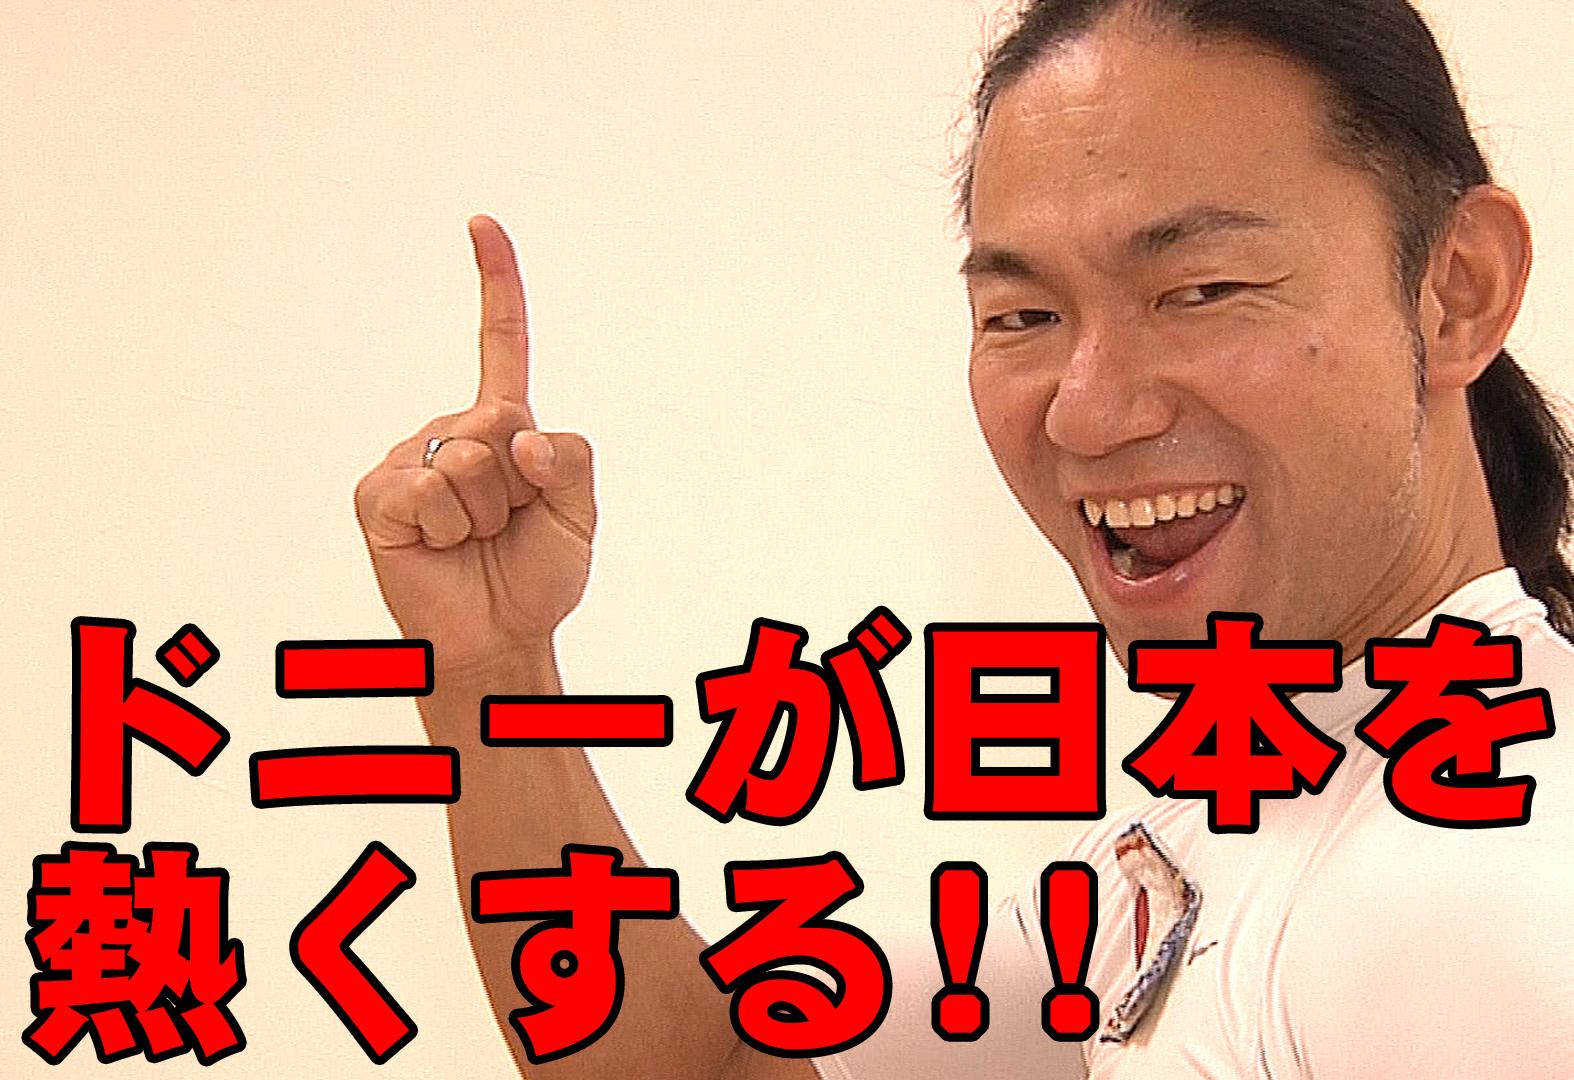 ドニーが日本を熱くする!! 【ドニー坂本・ダンサー】 いわきサンシャインTV